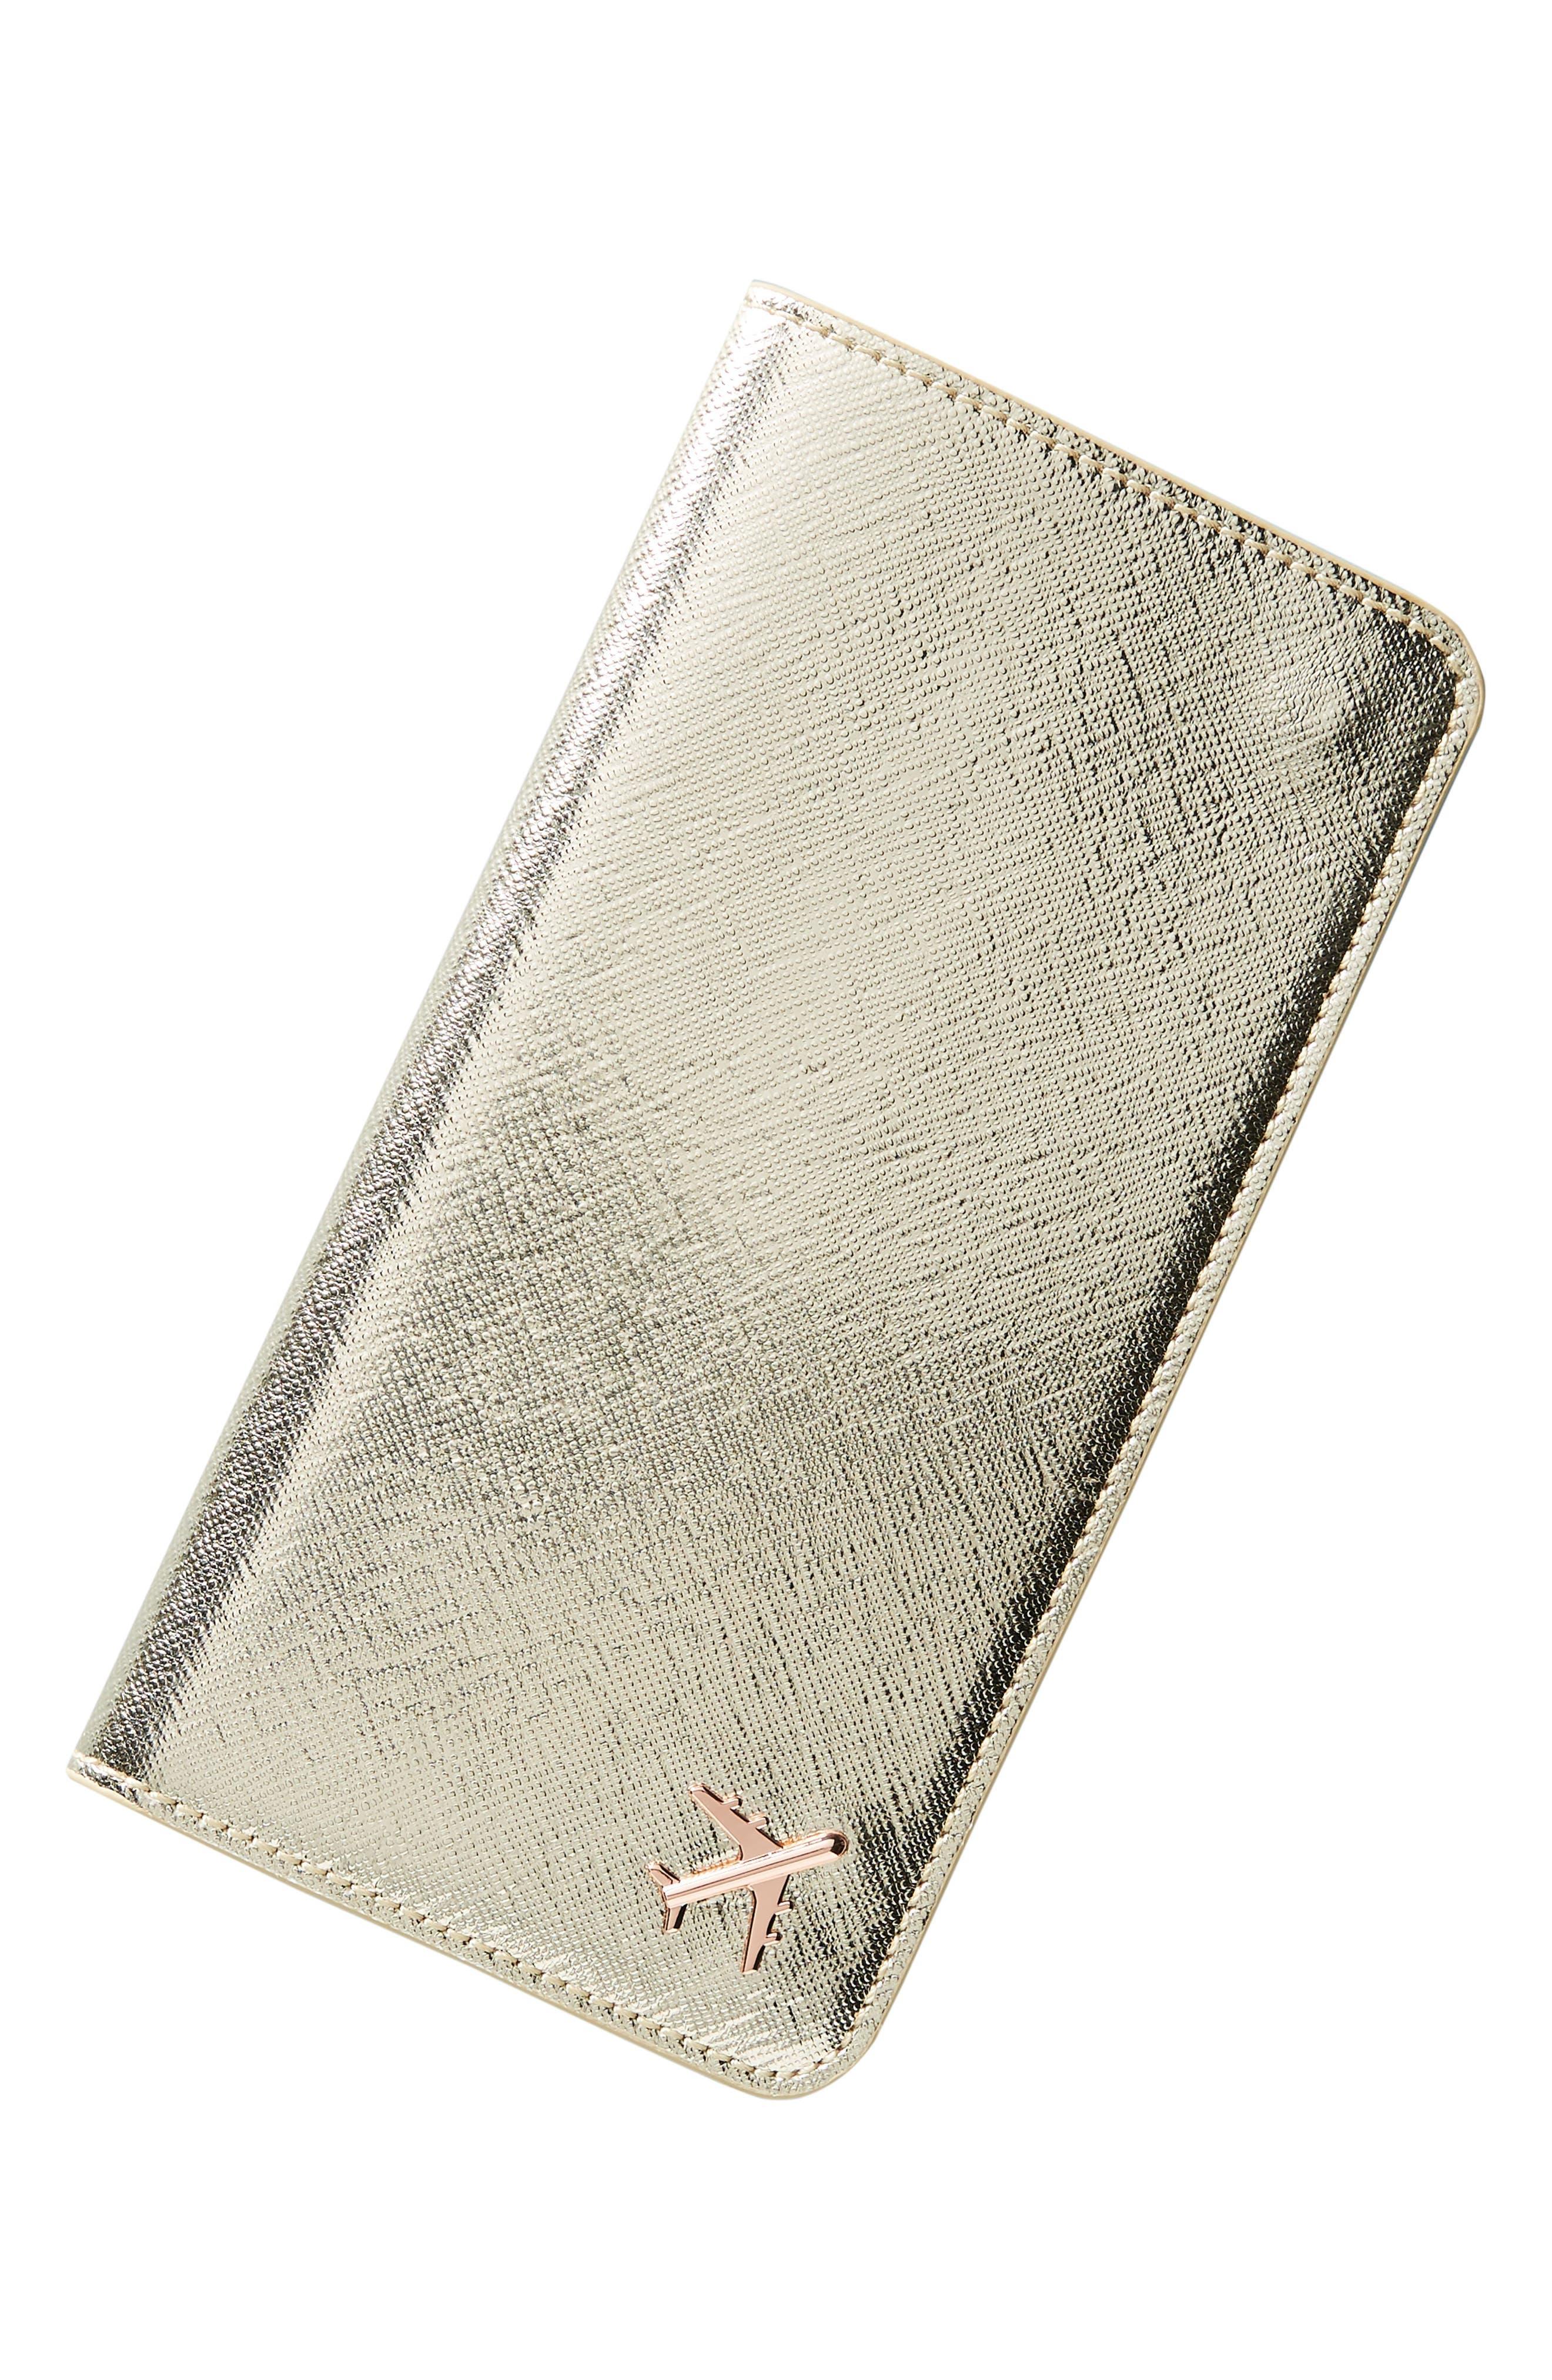 Celeste Travel Wallet,                             Alternate thumbnail 4, color,                             710